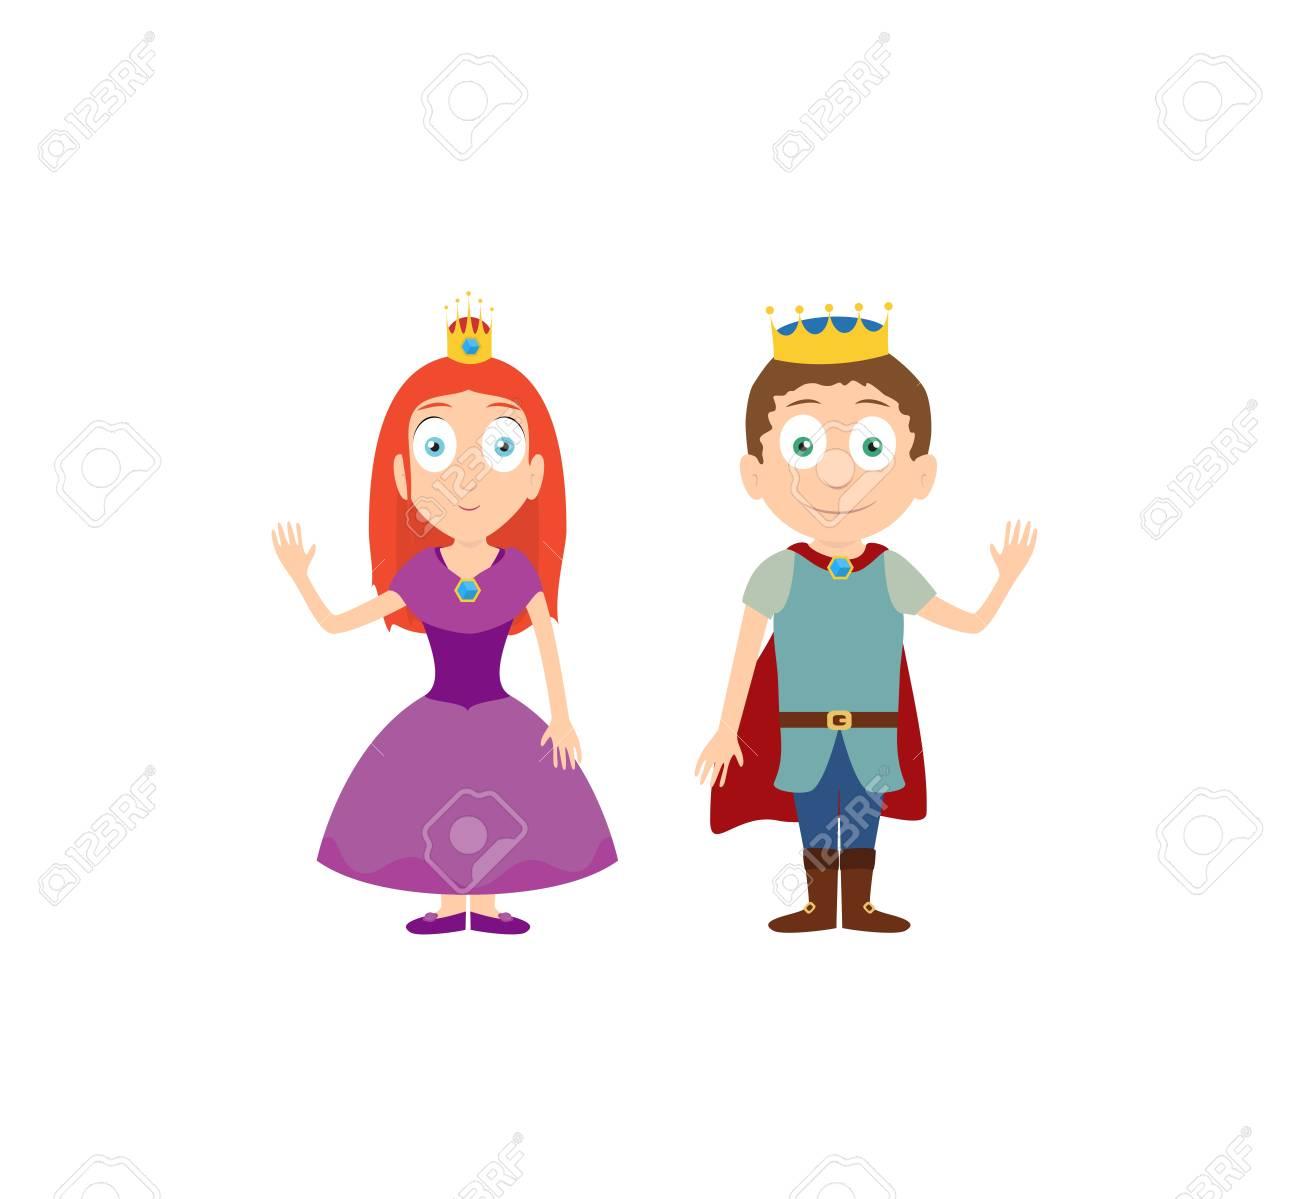 Ilustración Vectorial De Dibujos Animados De La Princesa Y El